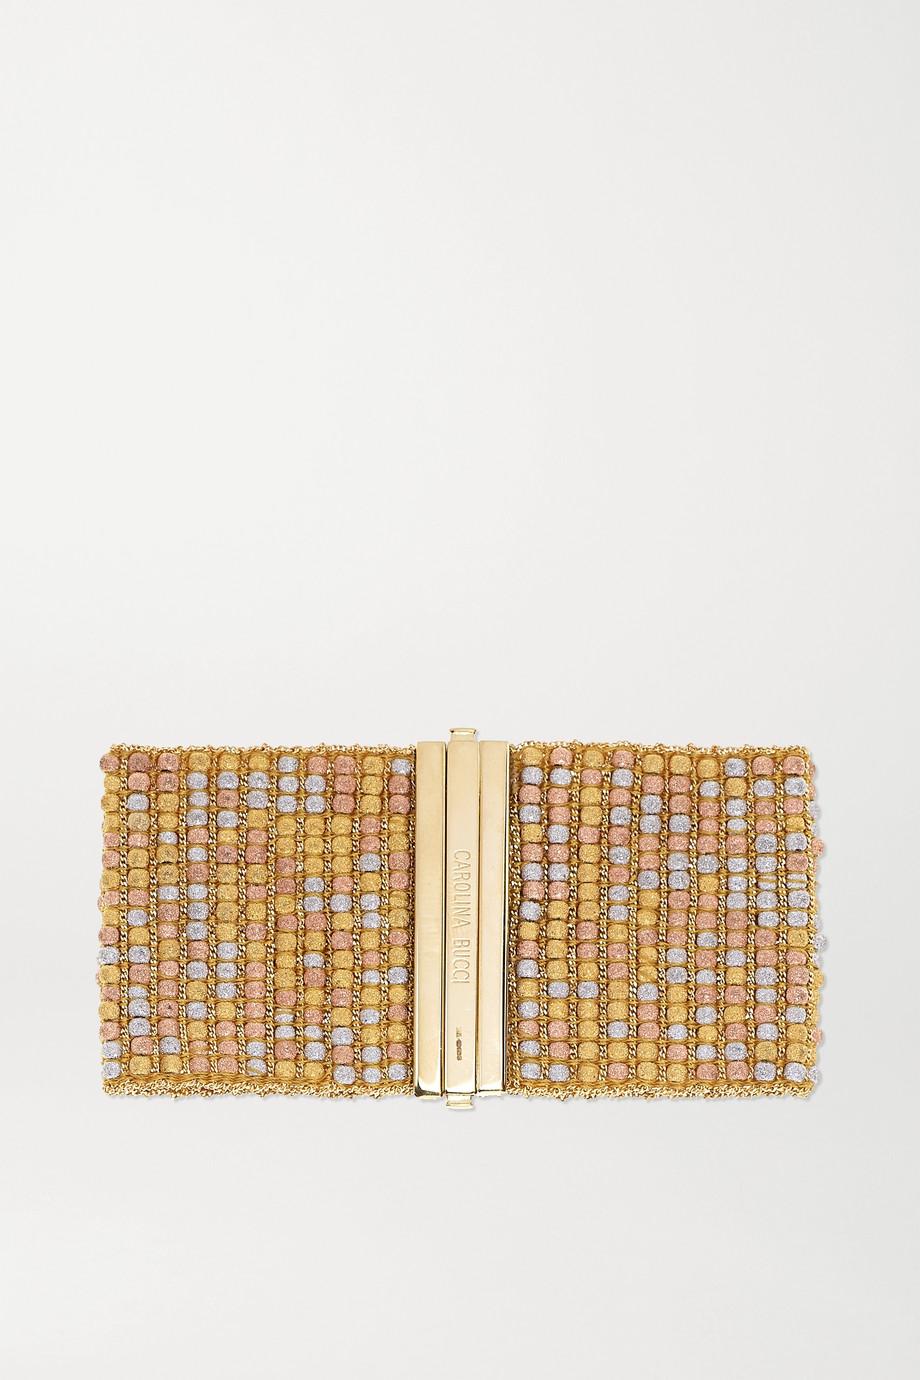 Carolina Bucci Armband aus 18 Karat Rosé-, Gelb- und Weißgold und Seide